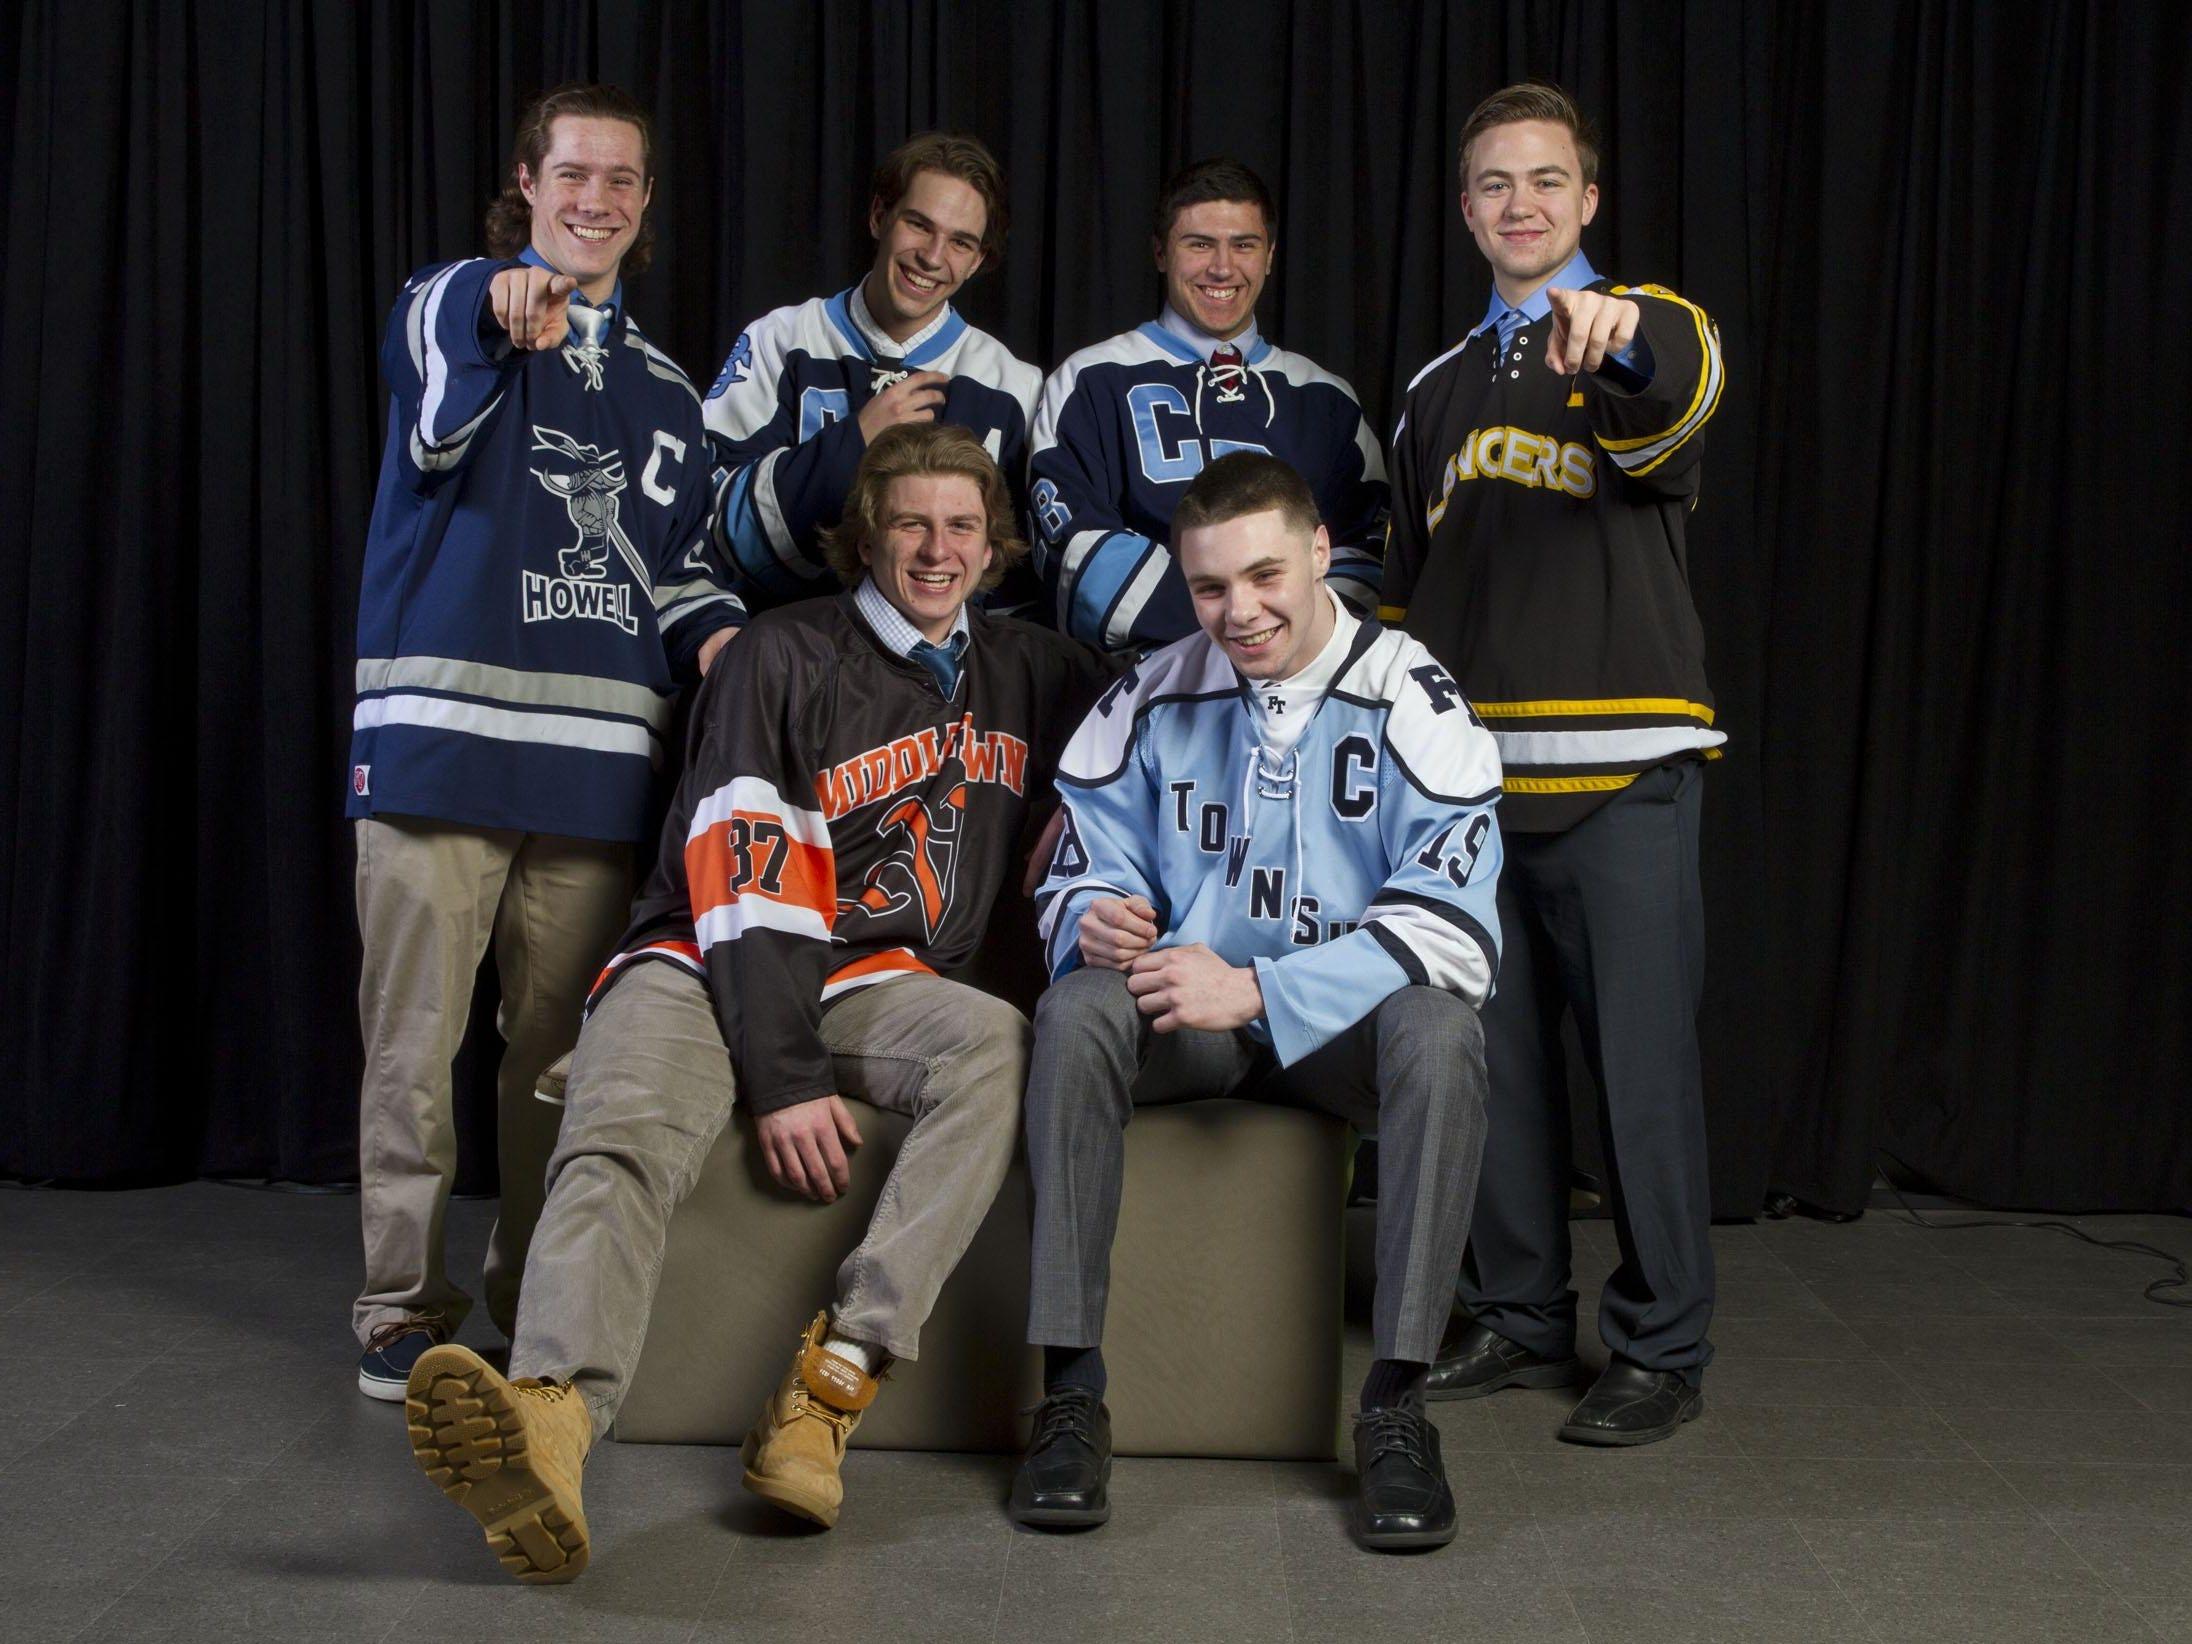 The 2014-15 Asbury Park Press All-Shore Ice Hockey Team.